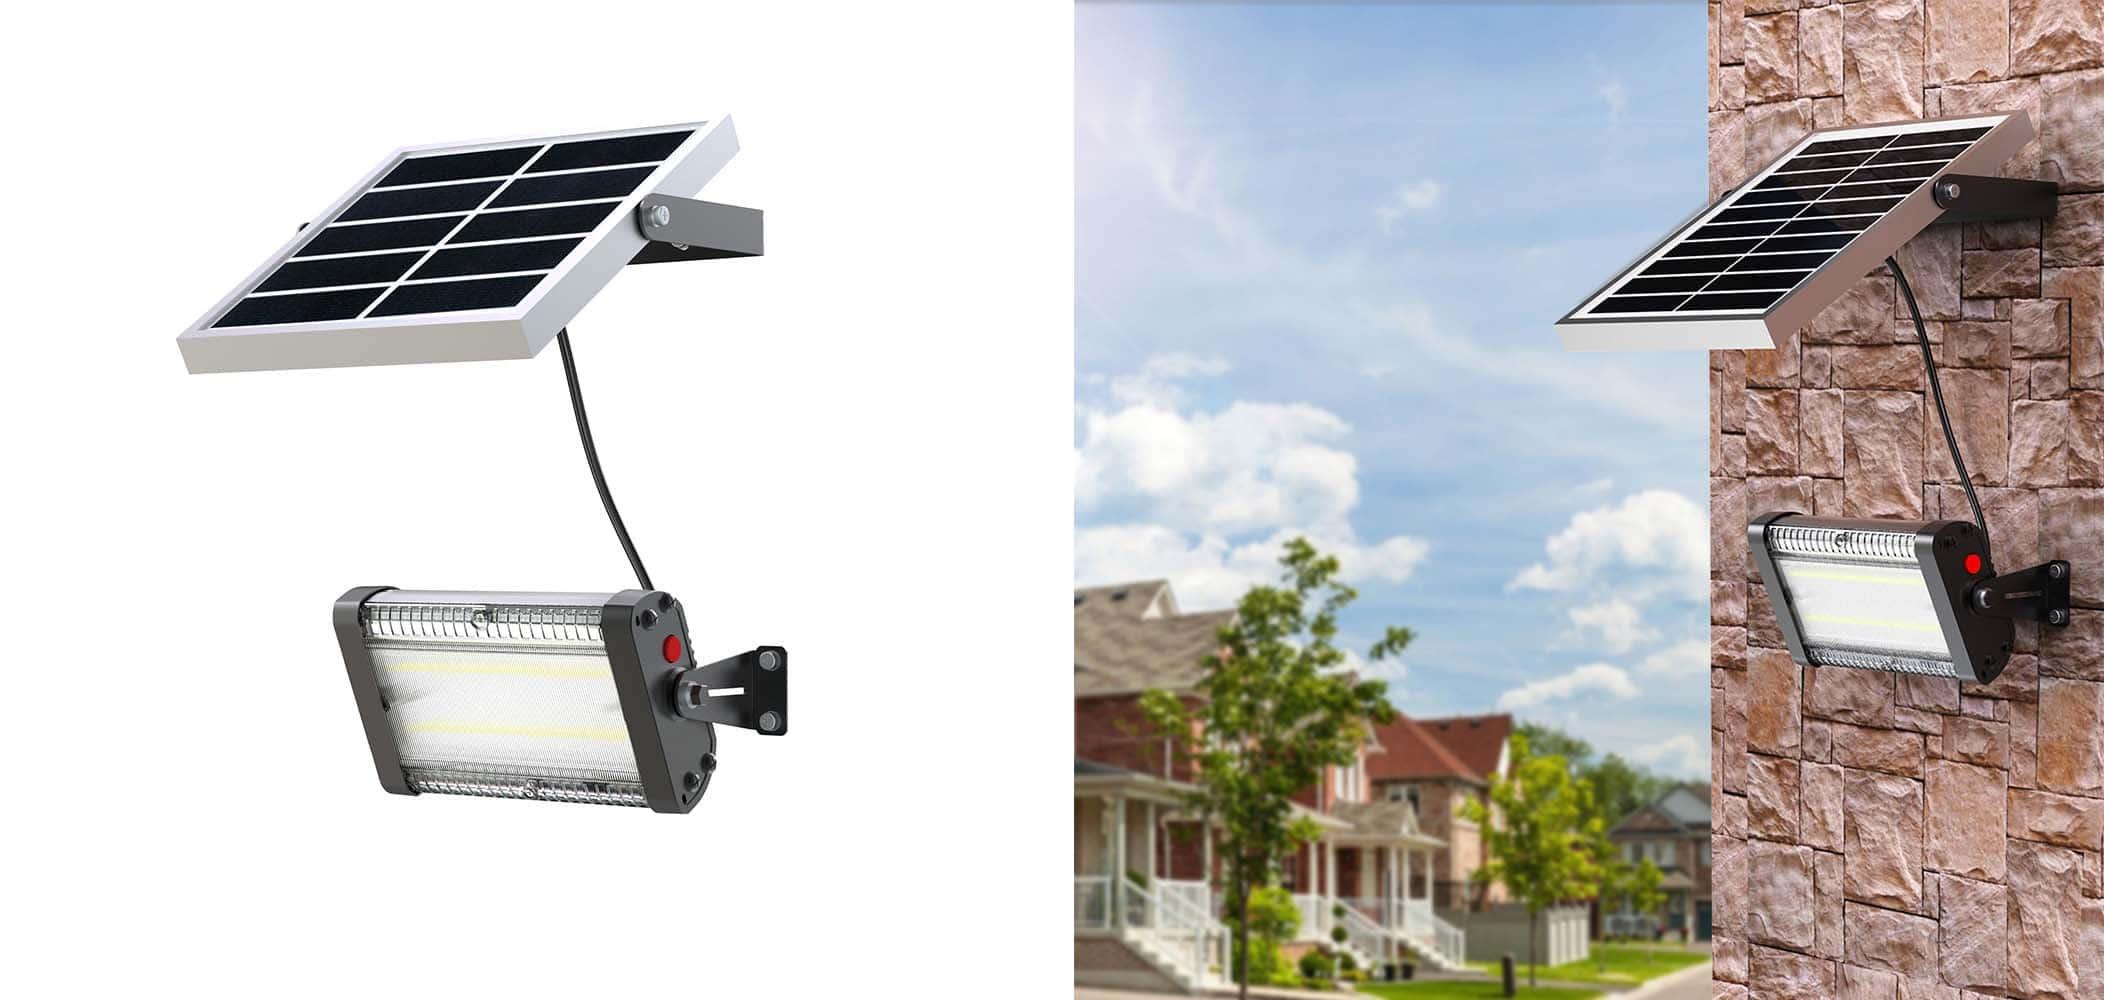 Lampa solarna indoor / outdoor